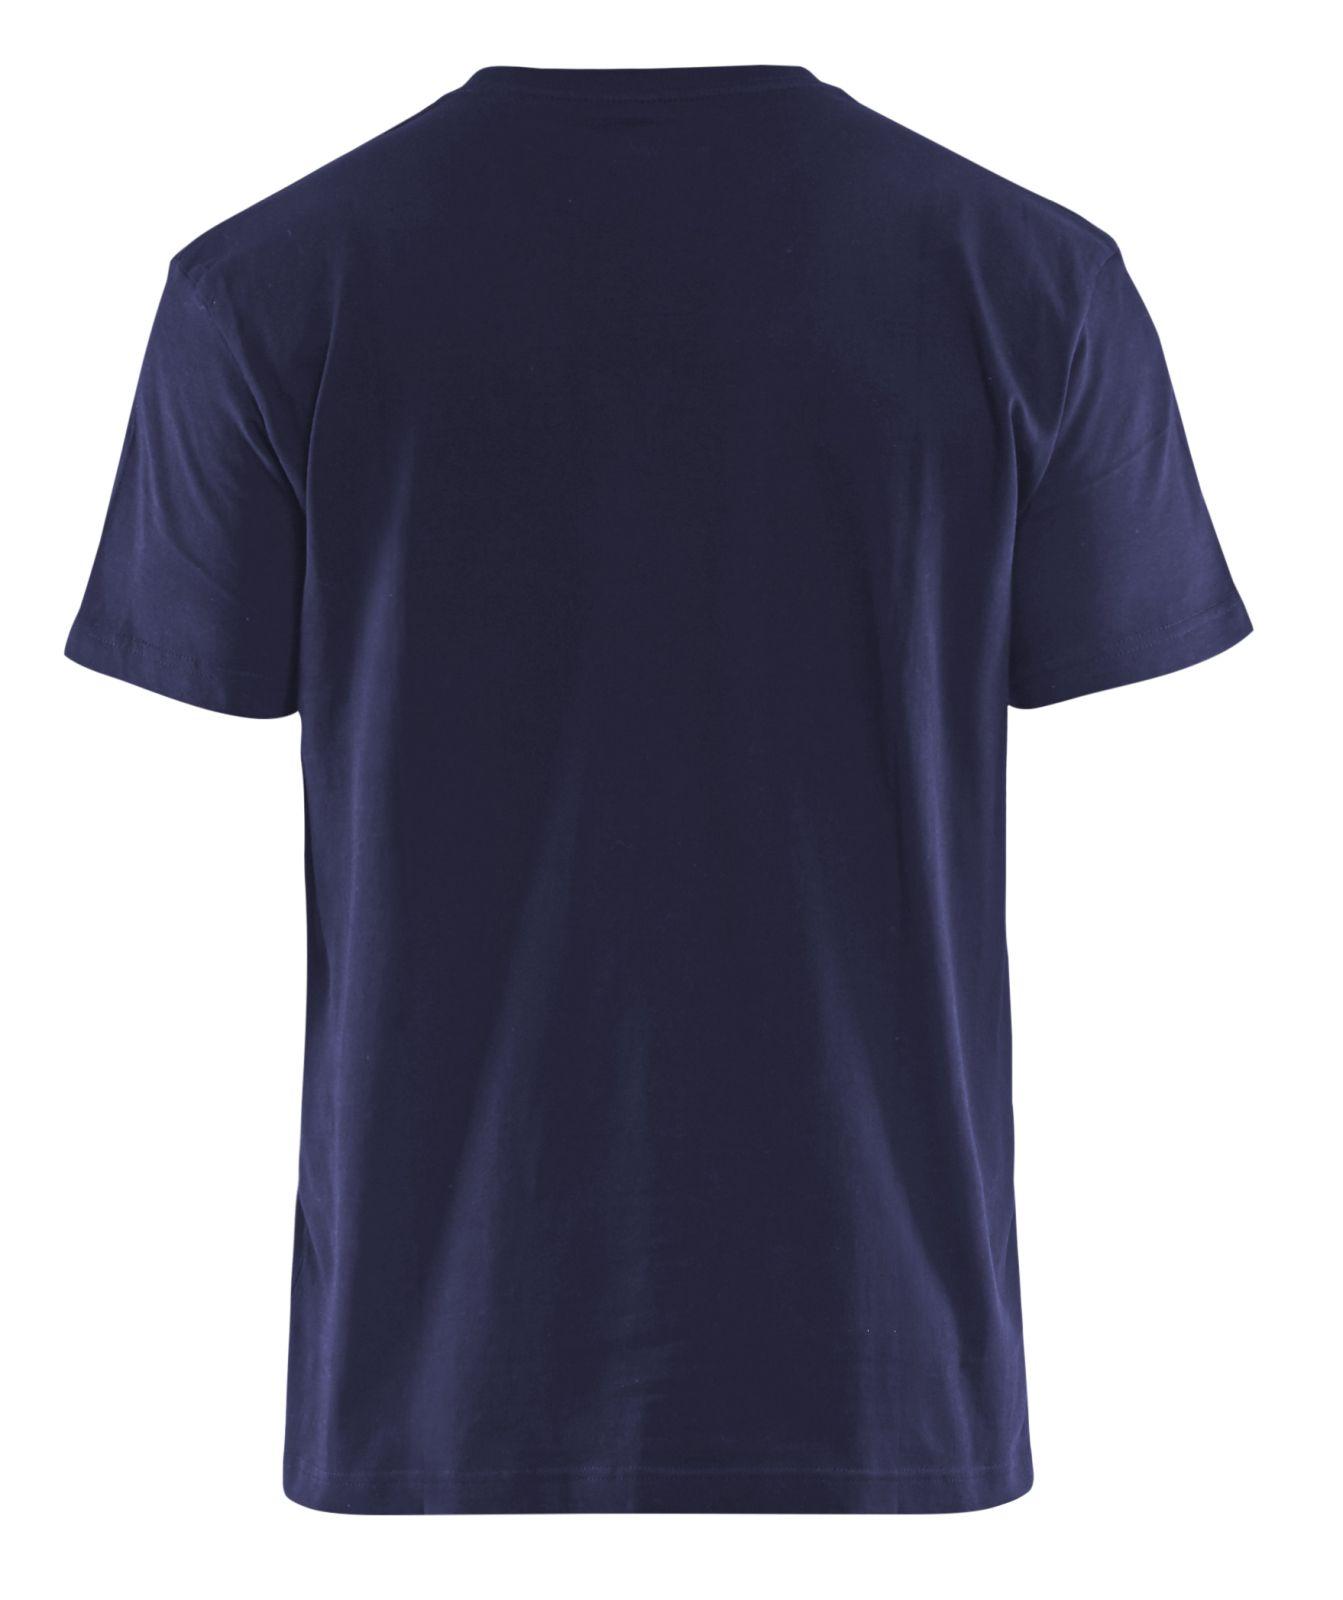 Blaklader T-shirts 33791042 marineblauw-geel(8833)